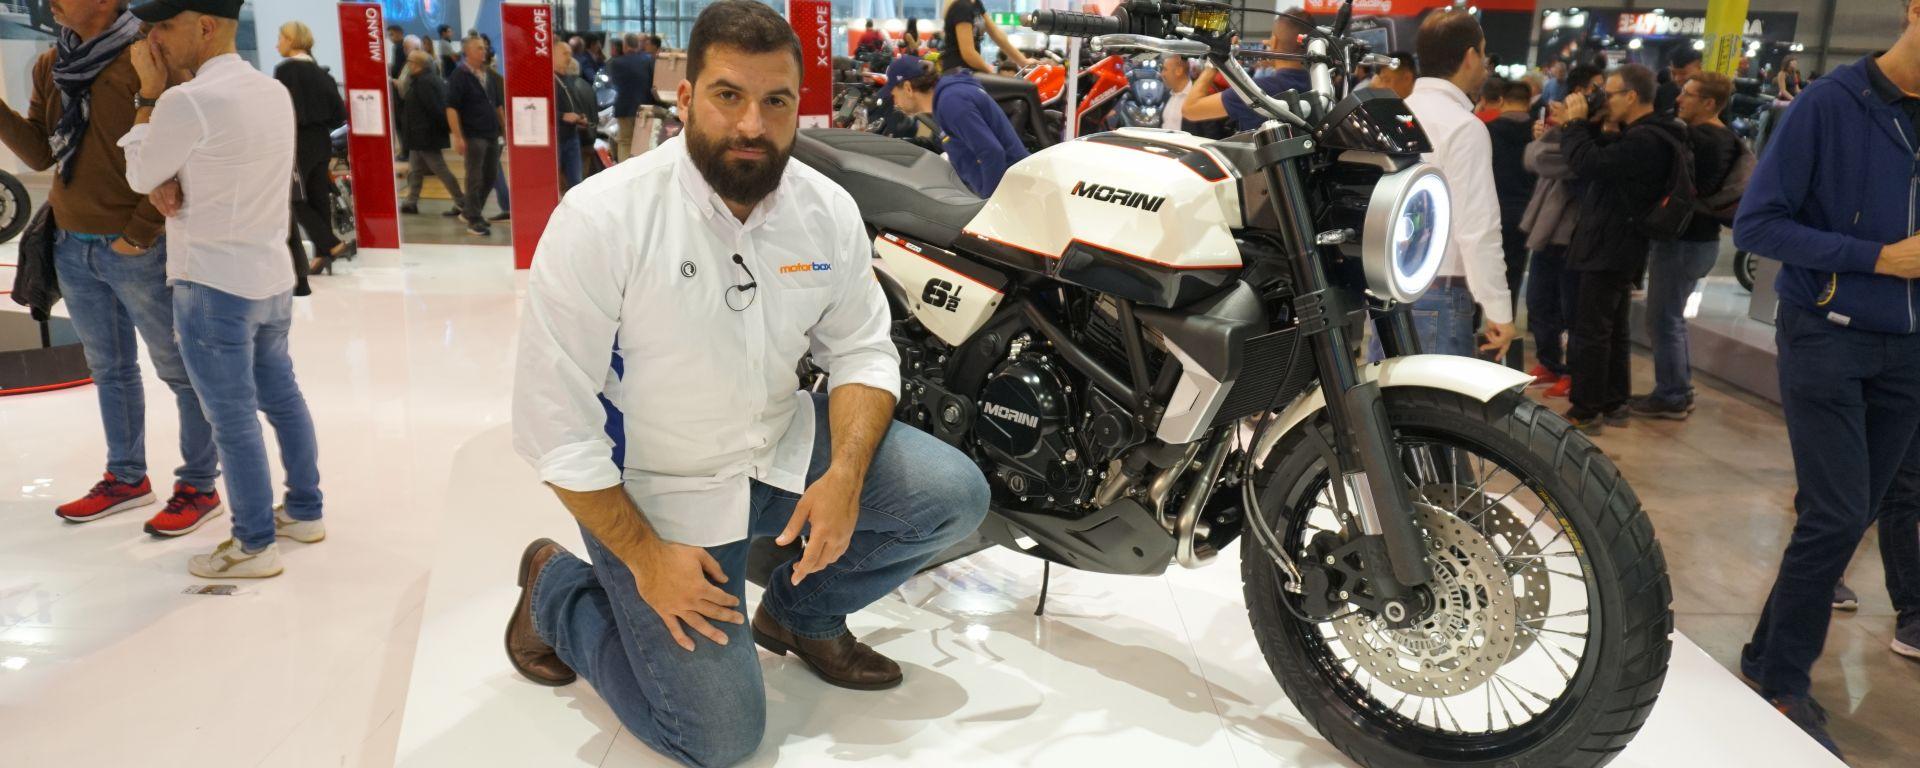 Moto Morini Seiemmezzo: la scrambler da 650 cc a EICMA 2019